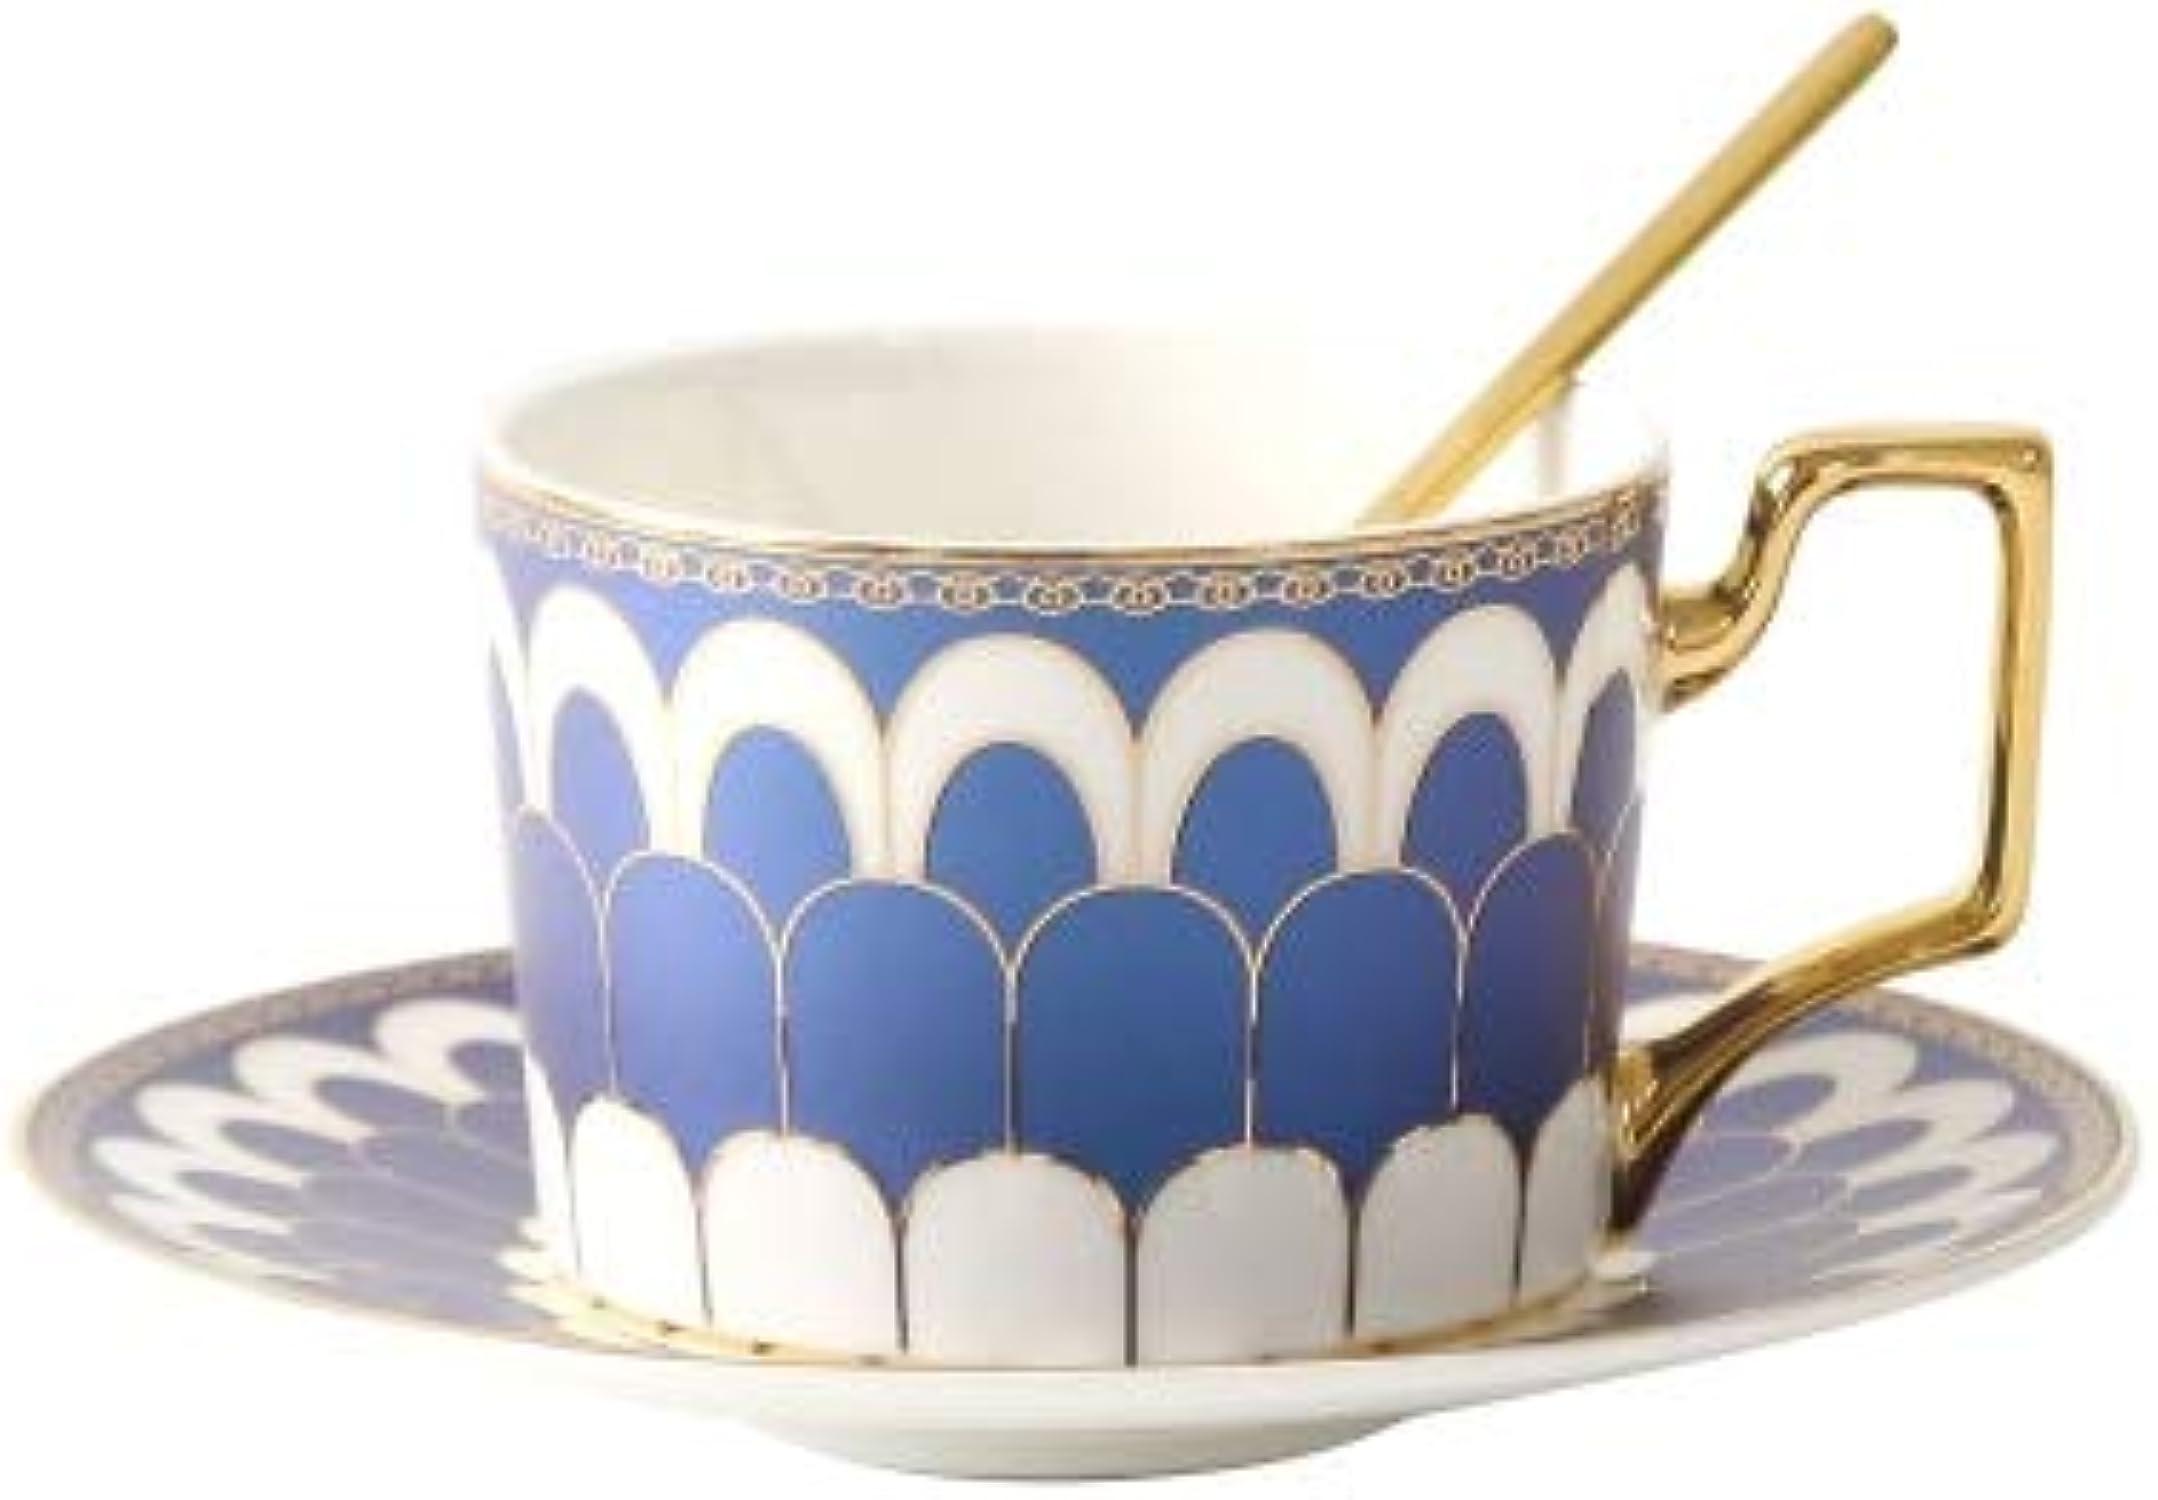 KBWL européen craeative café Tasse Soucoupe Ensemble ménage après-midi Tasse à thé avec Plateau Simple Or Peint céramique Petit déjeuner Lait Tasse en céramique 03 Set